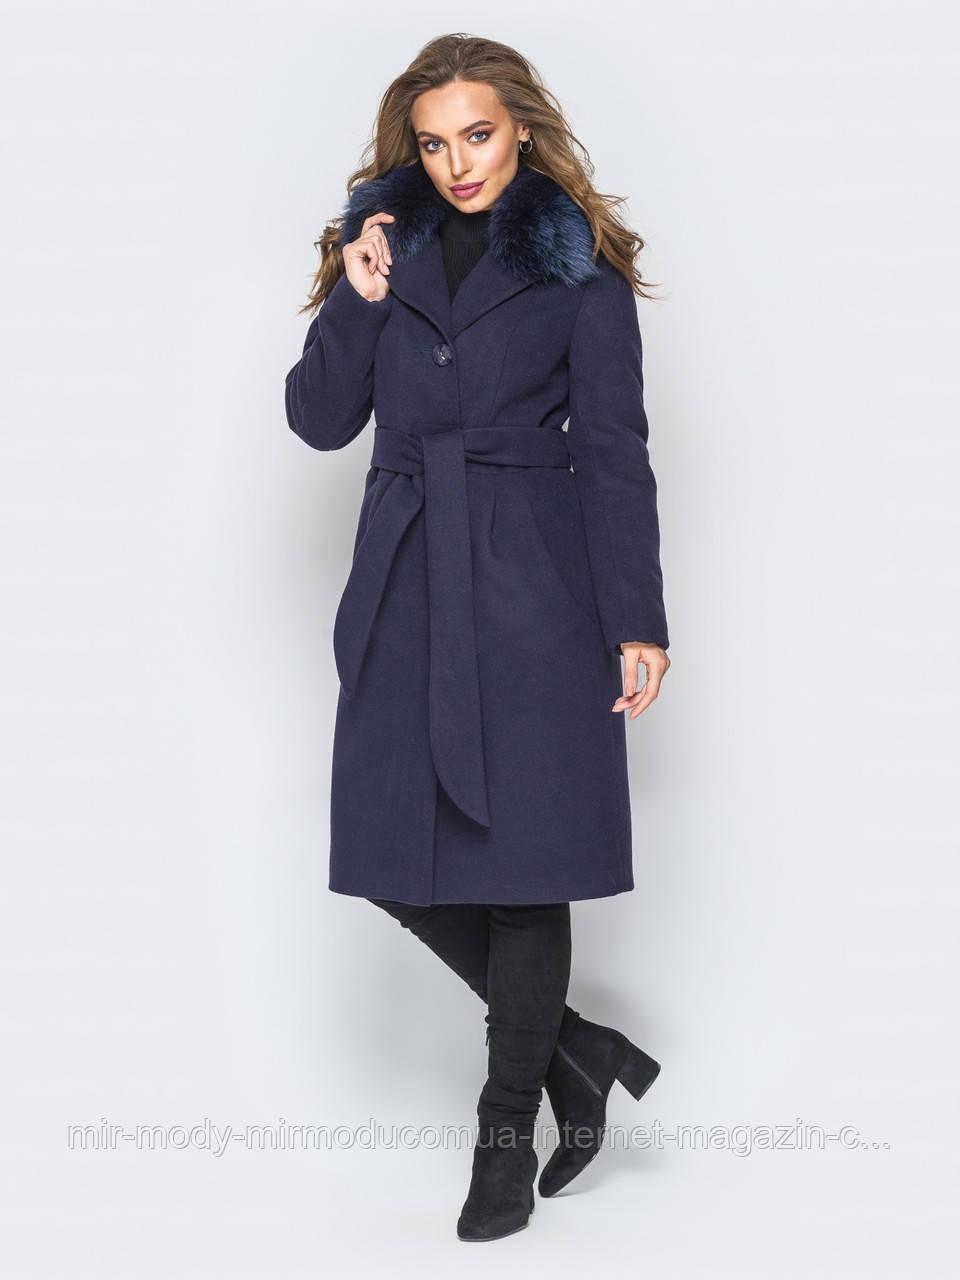 Женское зимнее пальто с натуральным мехом с 42 по 48 размер (мс)